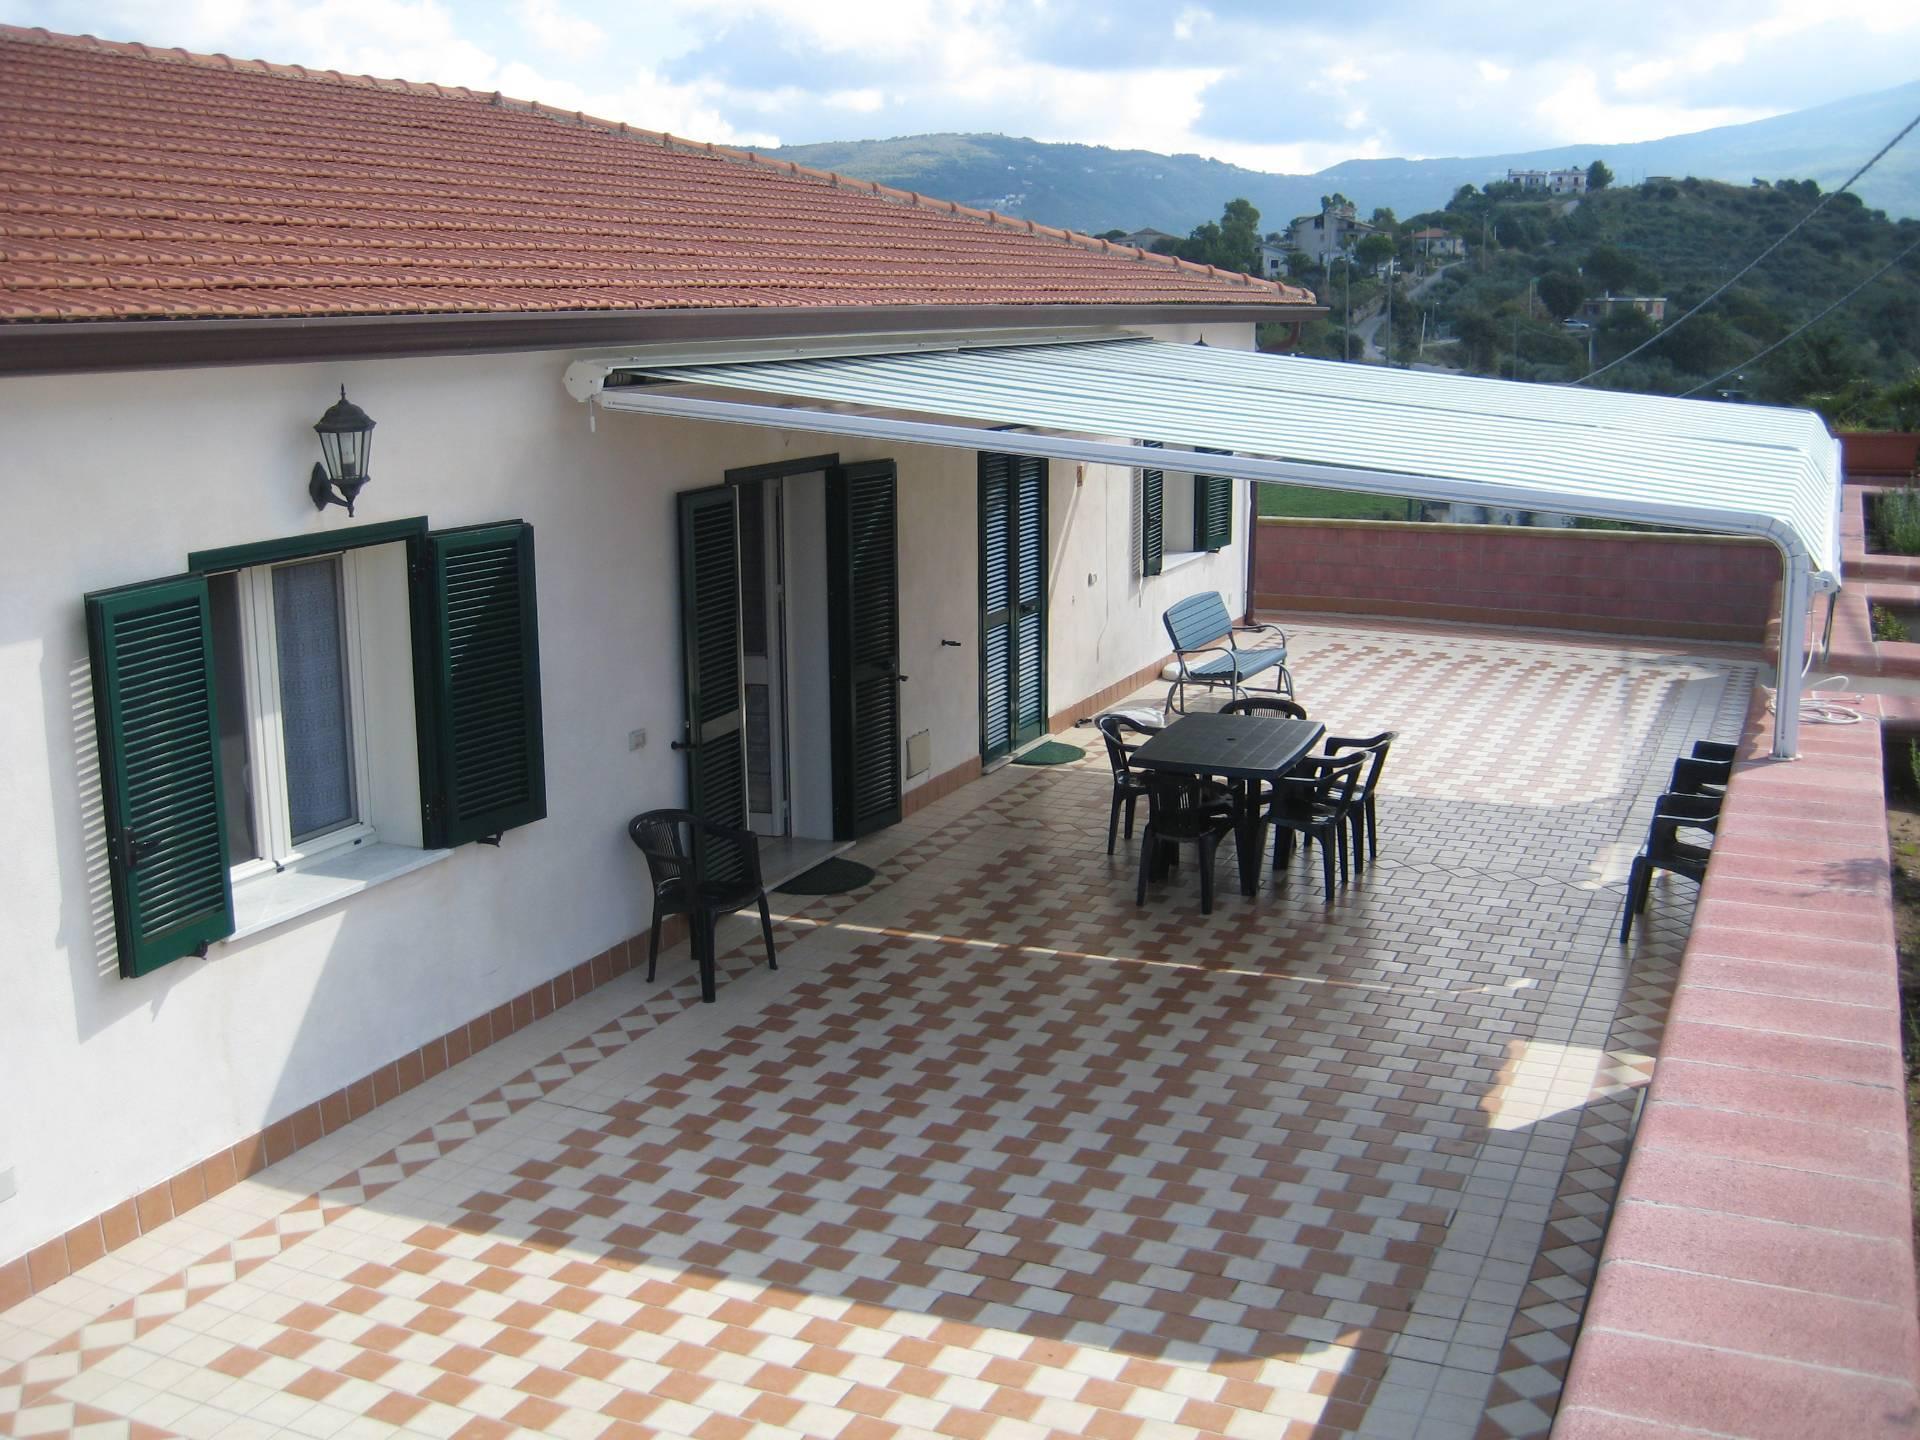 Villa in vendita a Castellabate, 10 locali, zona Località: S.aMaria, prezzo € 480.000   CambioCasa.it